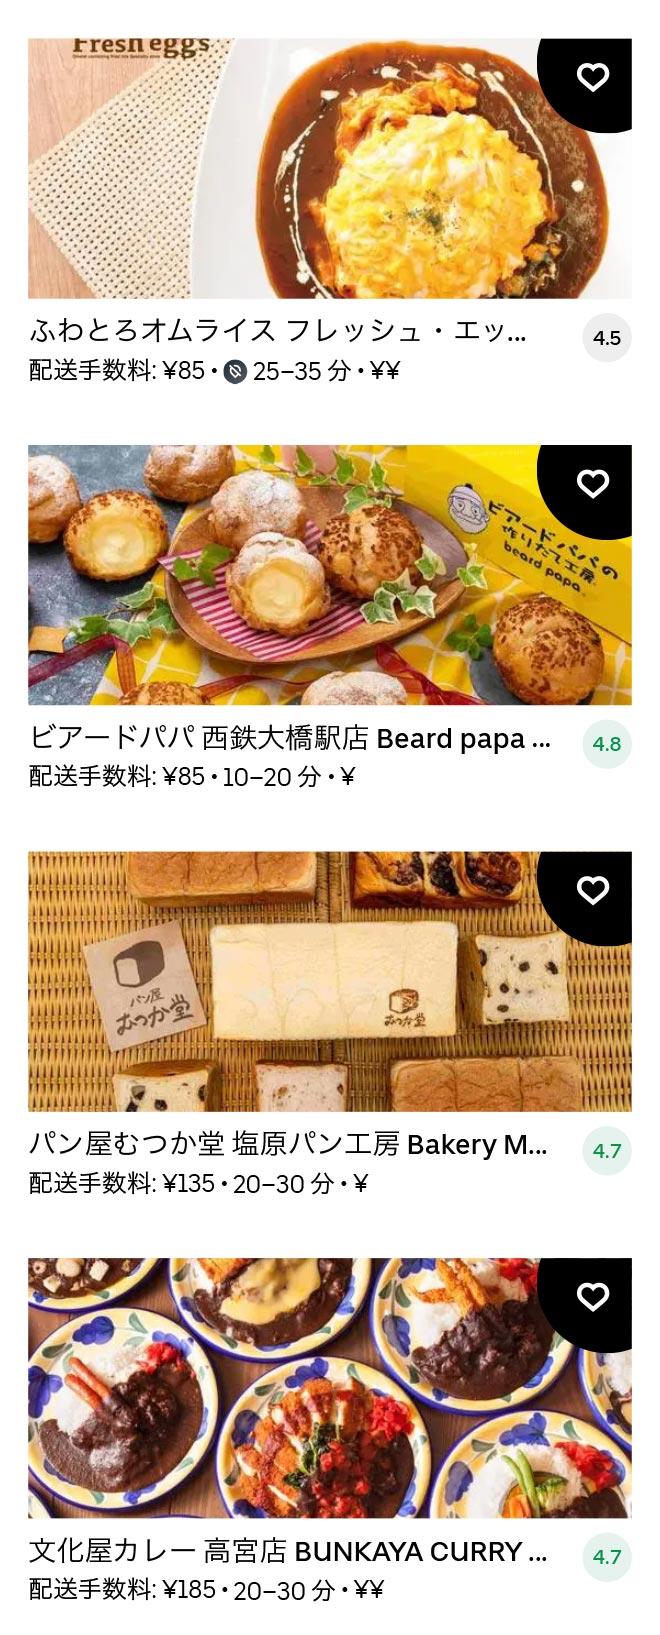 Oohashi menu 2101 06